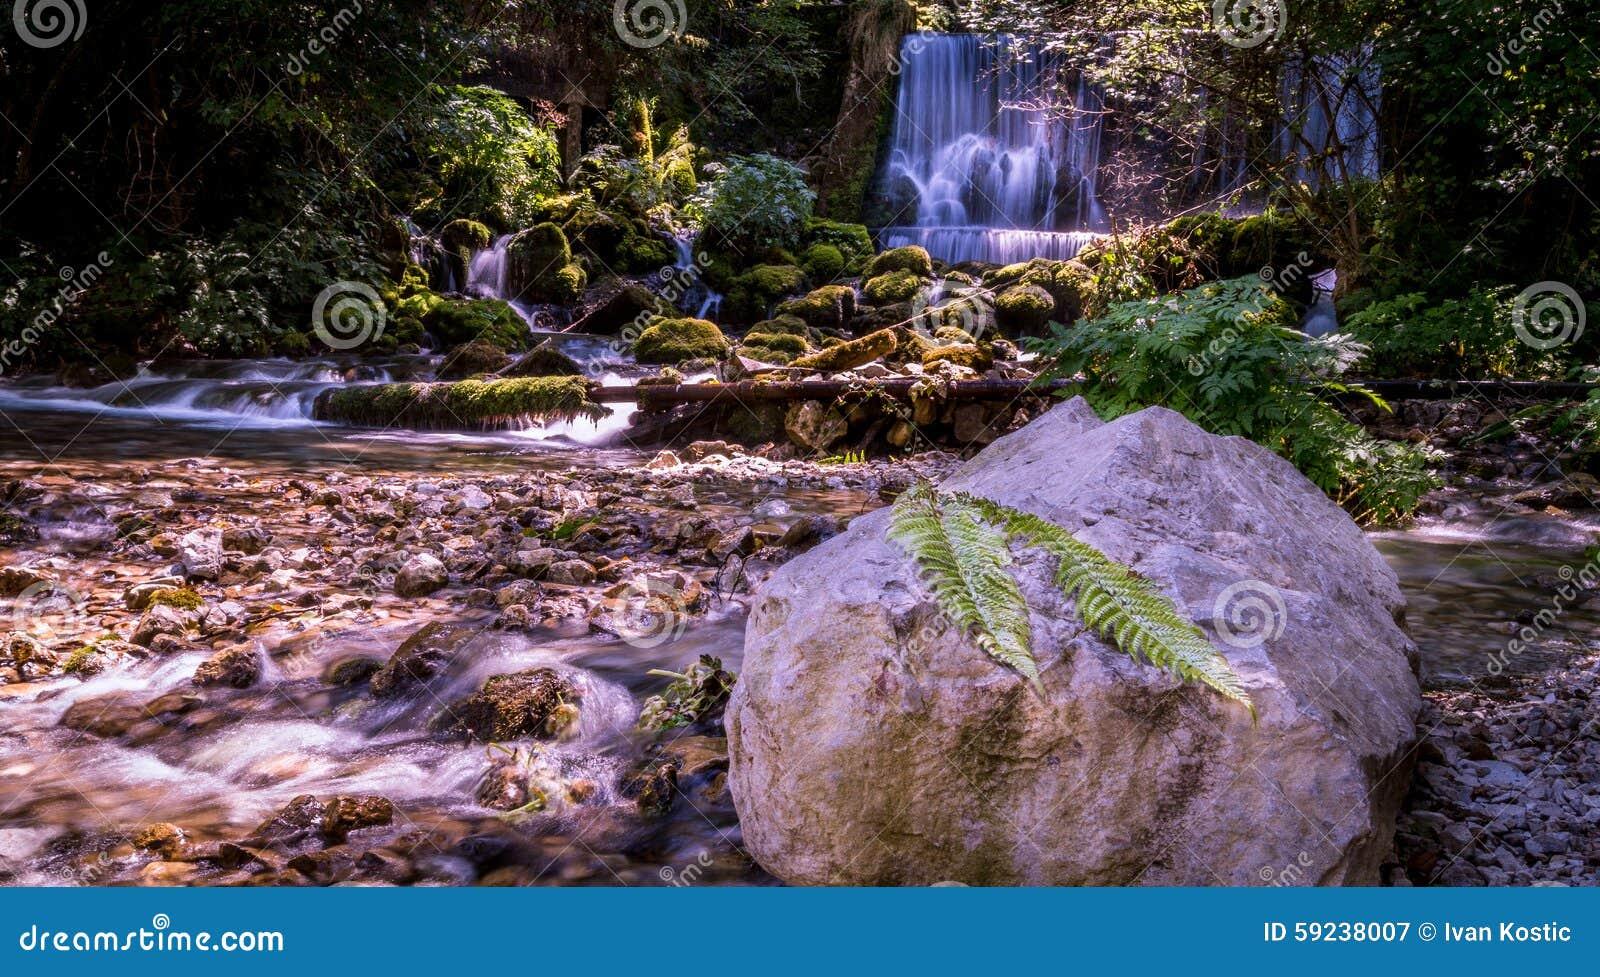 Download Cascada y hoja imagen de archivo. Imagen de río, montañas - 59238007